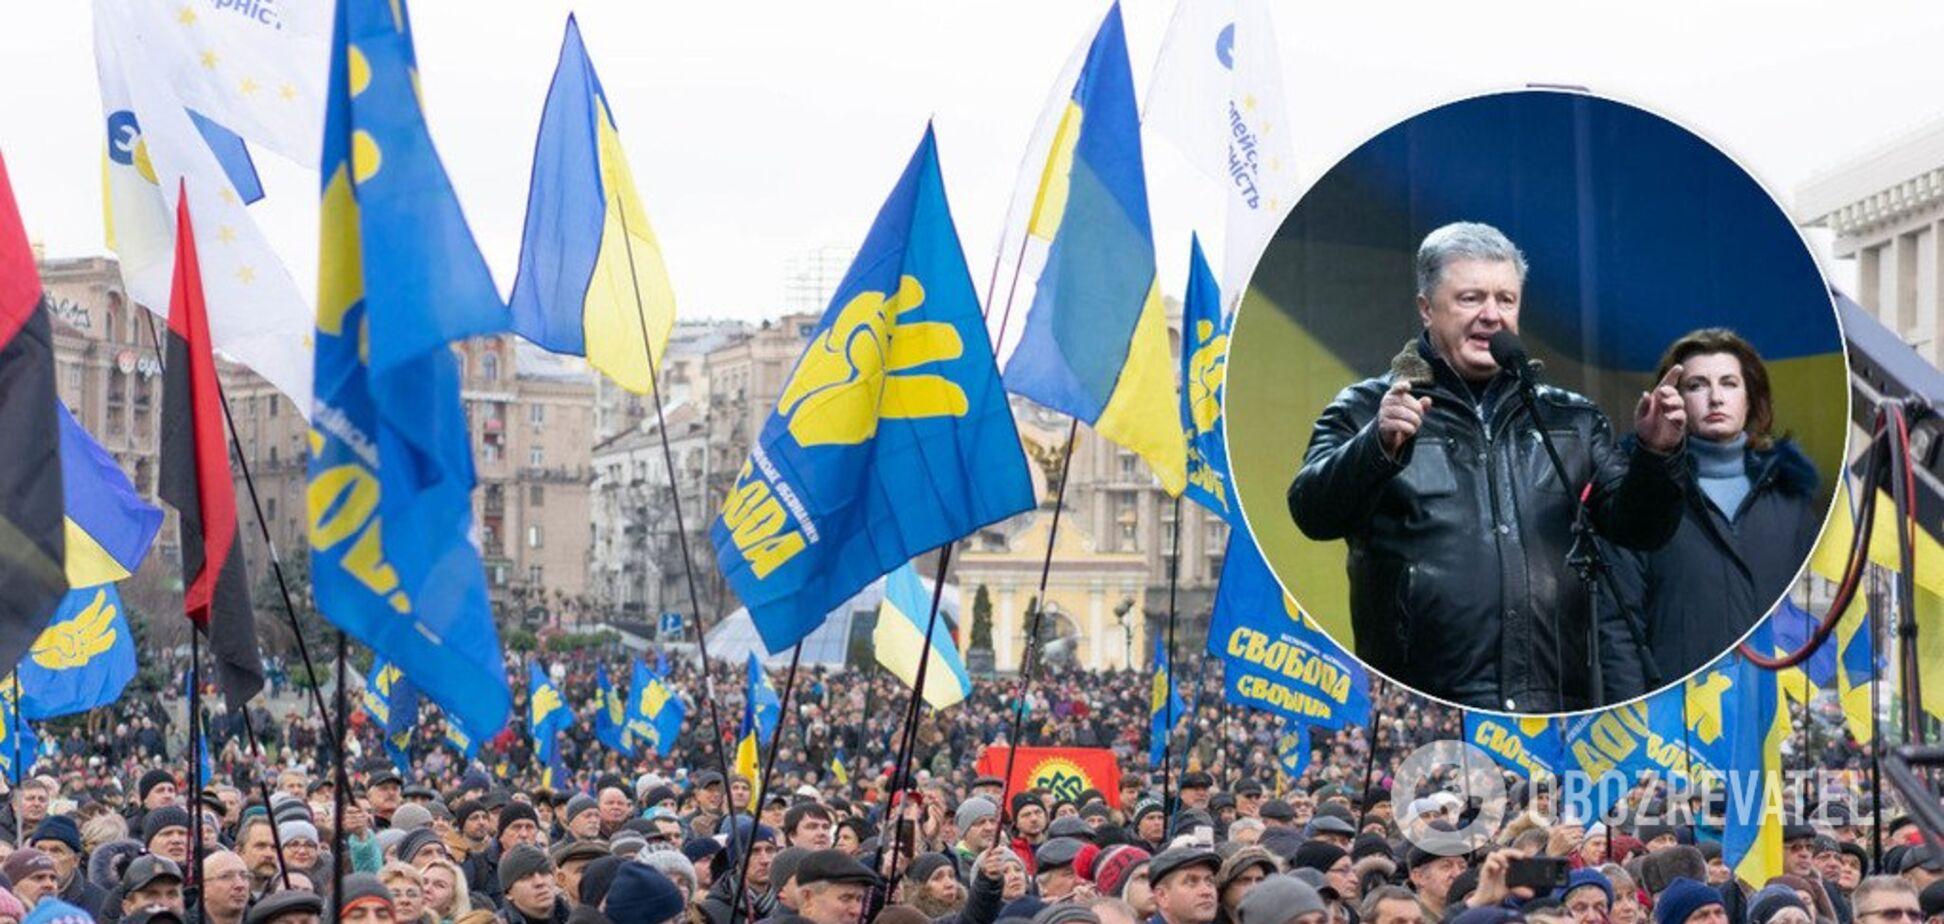 Як відбувся Майдан проти капітуляції у Києві: фоторепортаж OBOZREVATEL